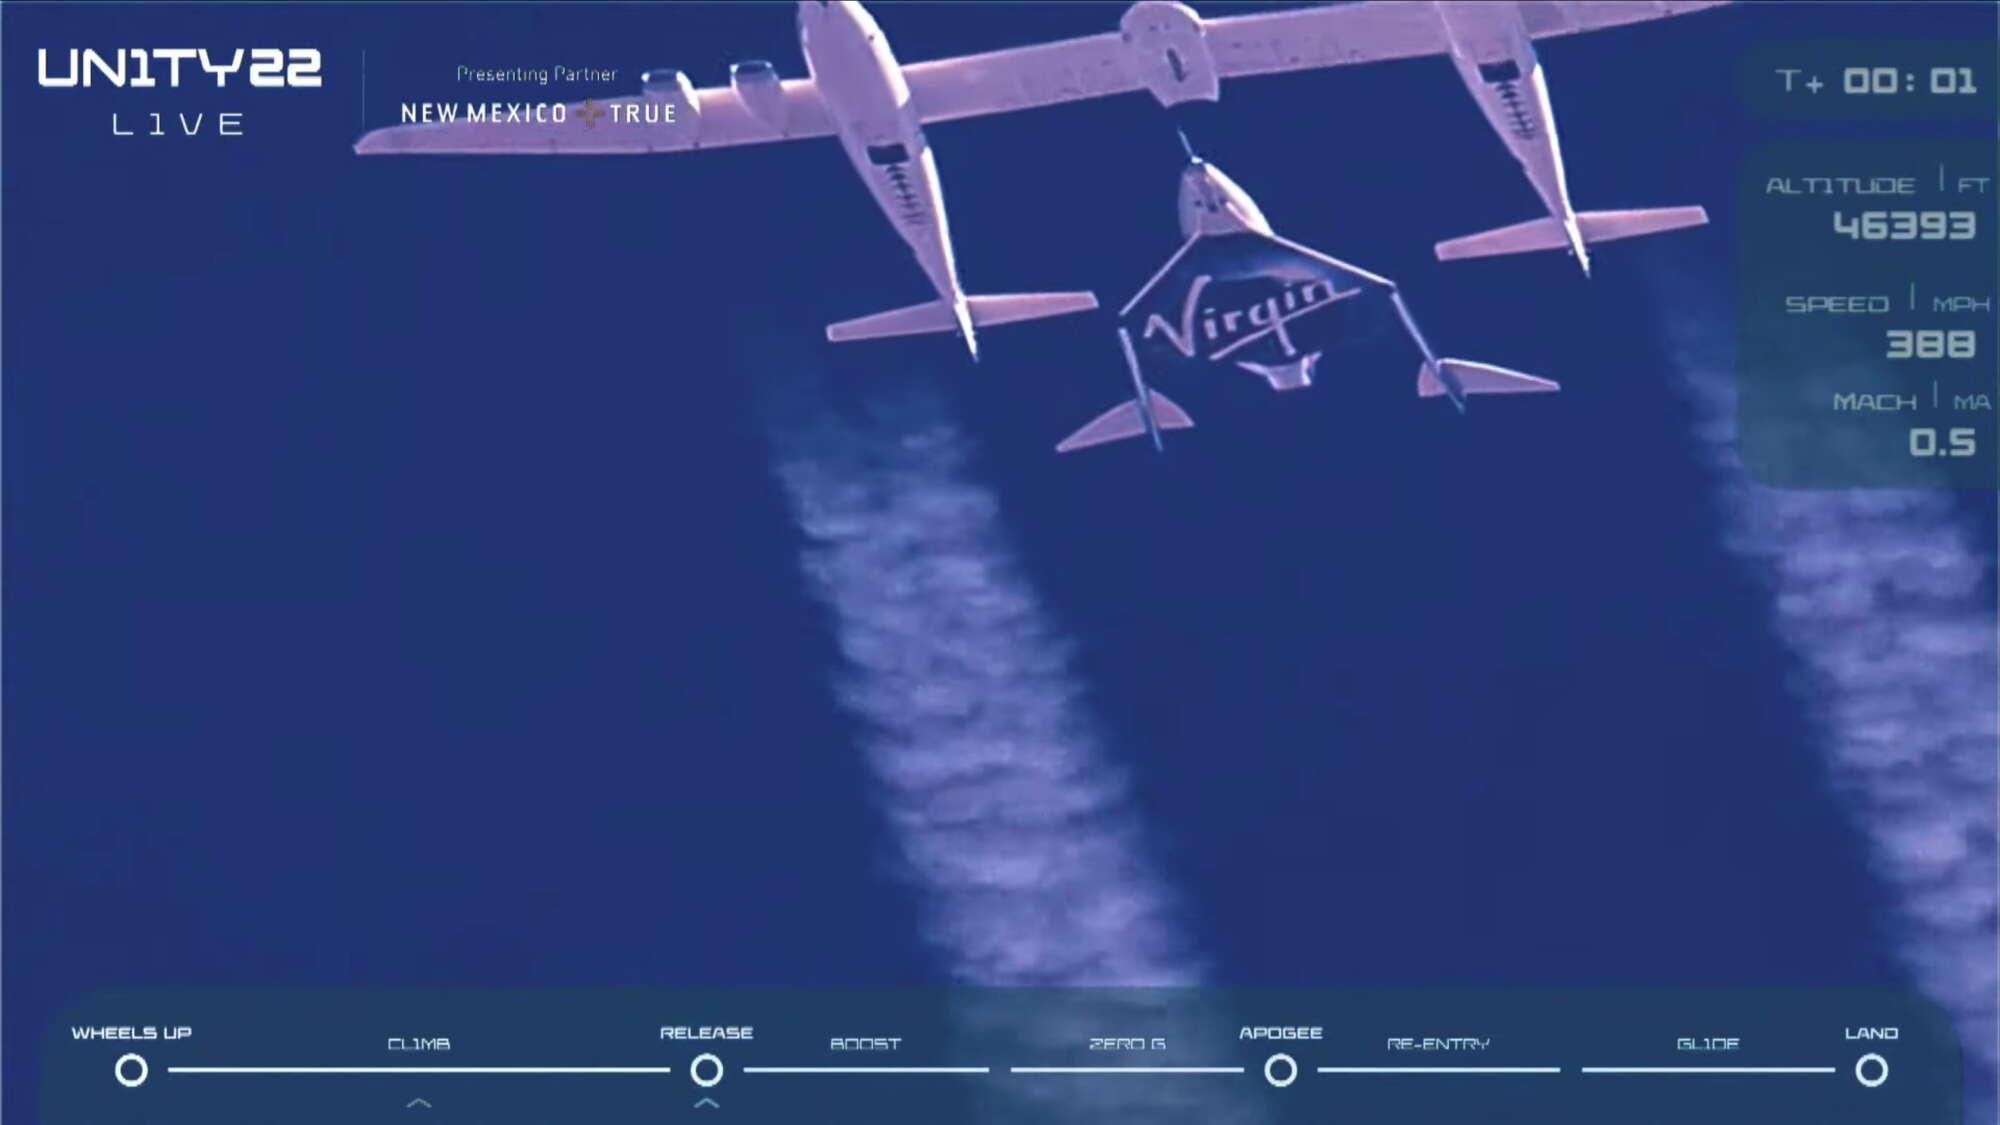 Η κρίσιμη στιγμή. Περίπου 15.000 μέτρα από την επιφάνεια της θάλασσας το Unity ετοιμάζεται για το μεγάλο άλμα προς το Διάστημα